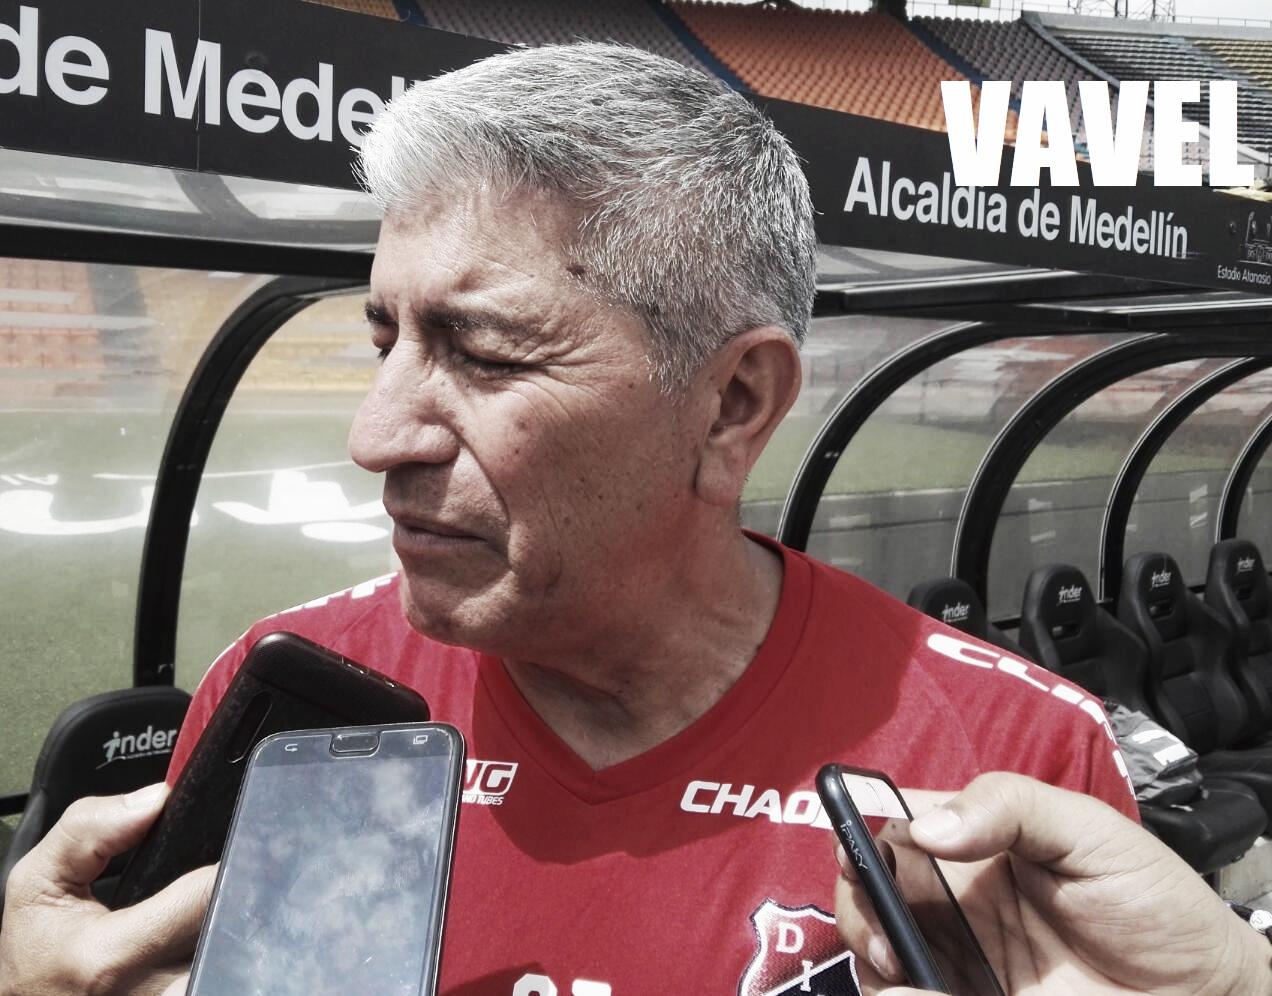 La denuncia del Medellín en Bucaramanga